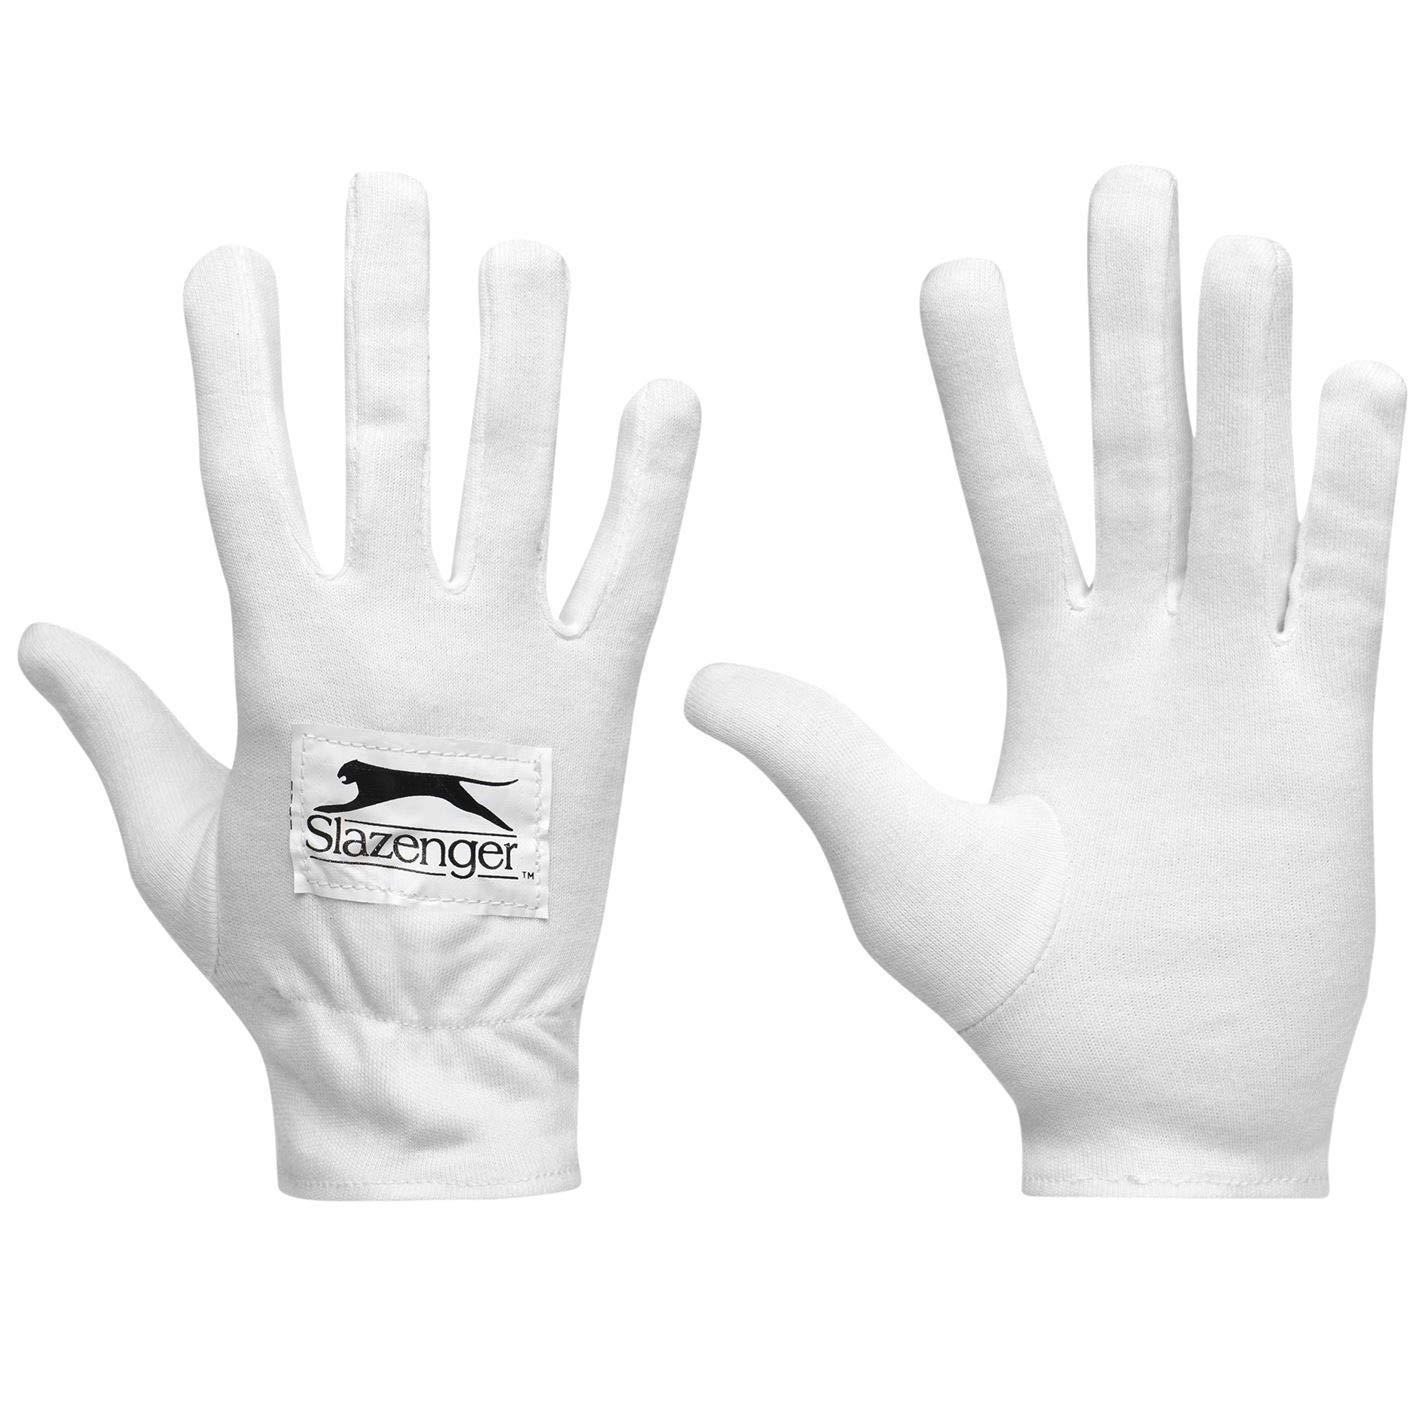 Slazenger Kids Pro Inner Gloves Junior Cricket Cotton White Junior